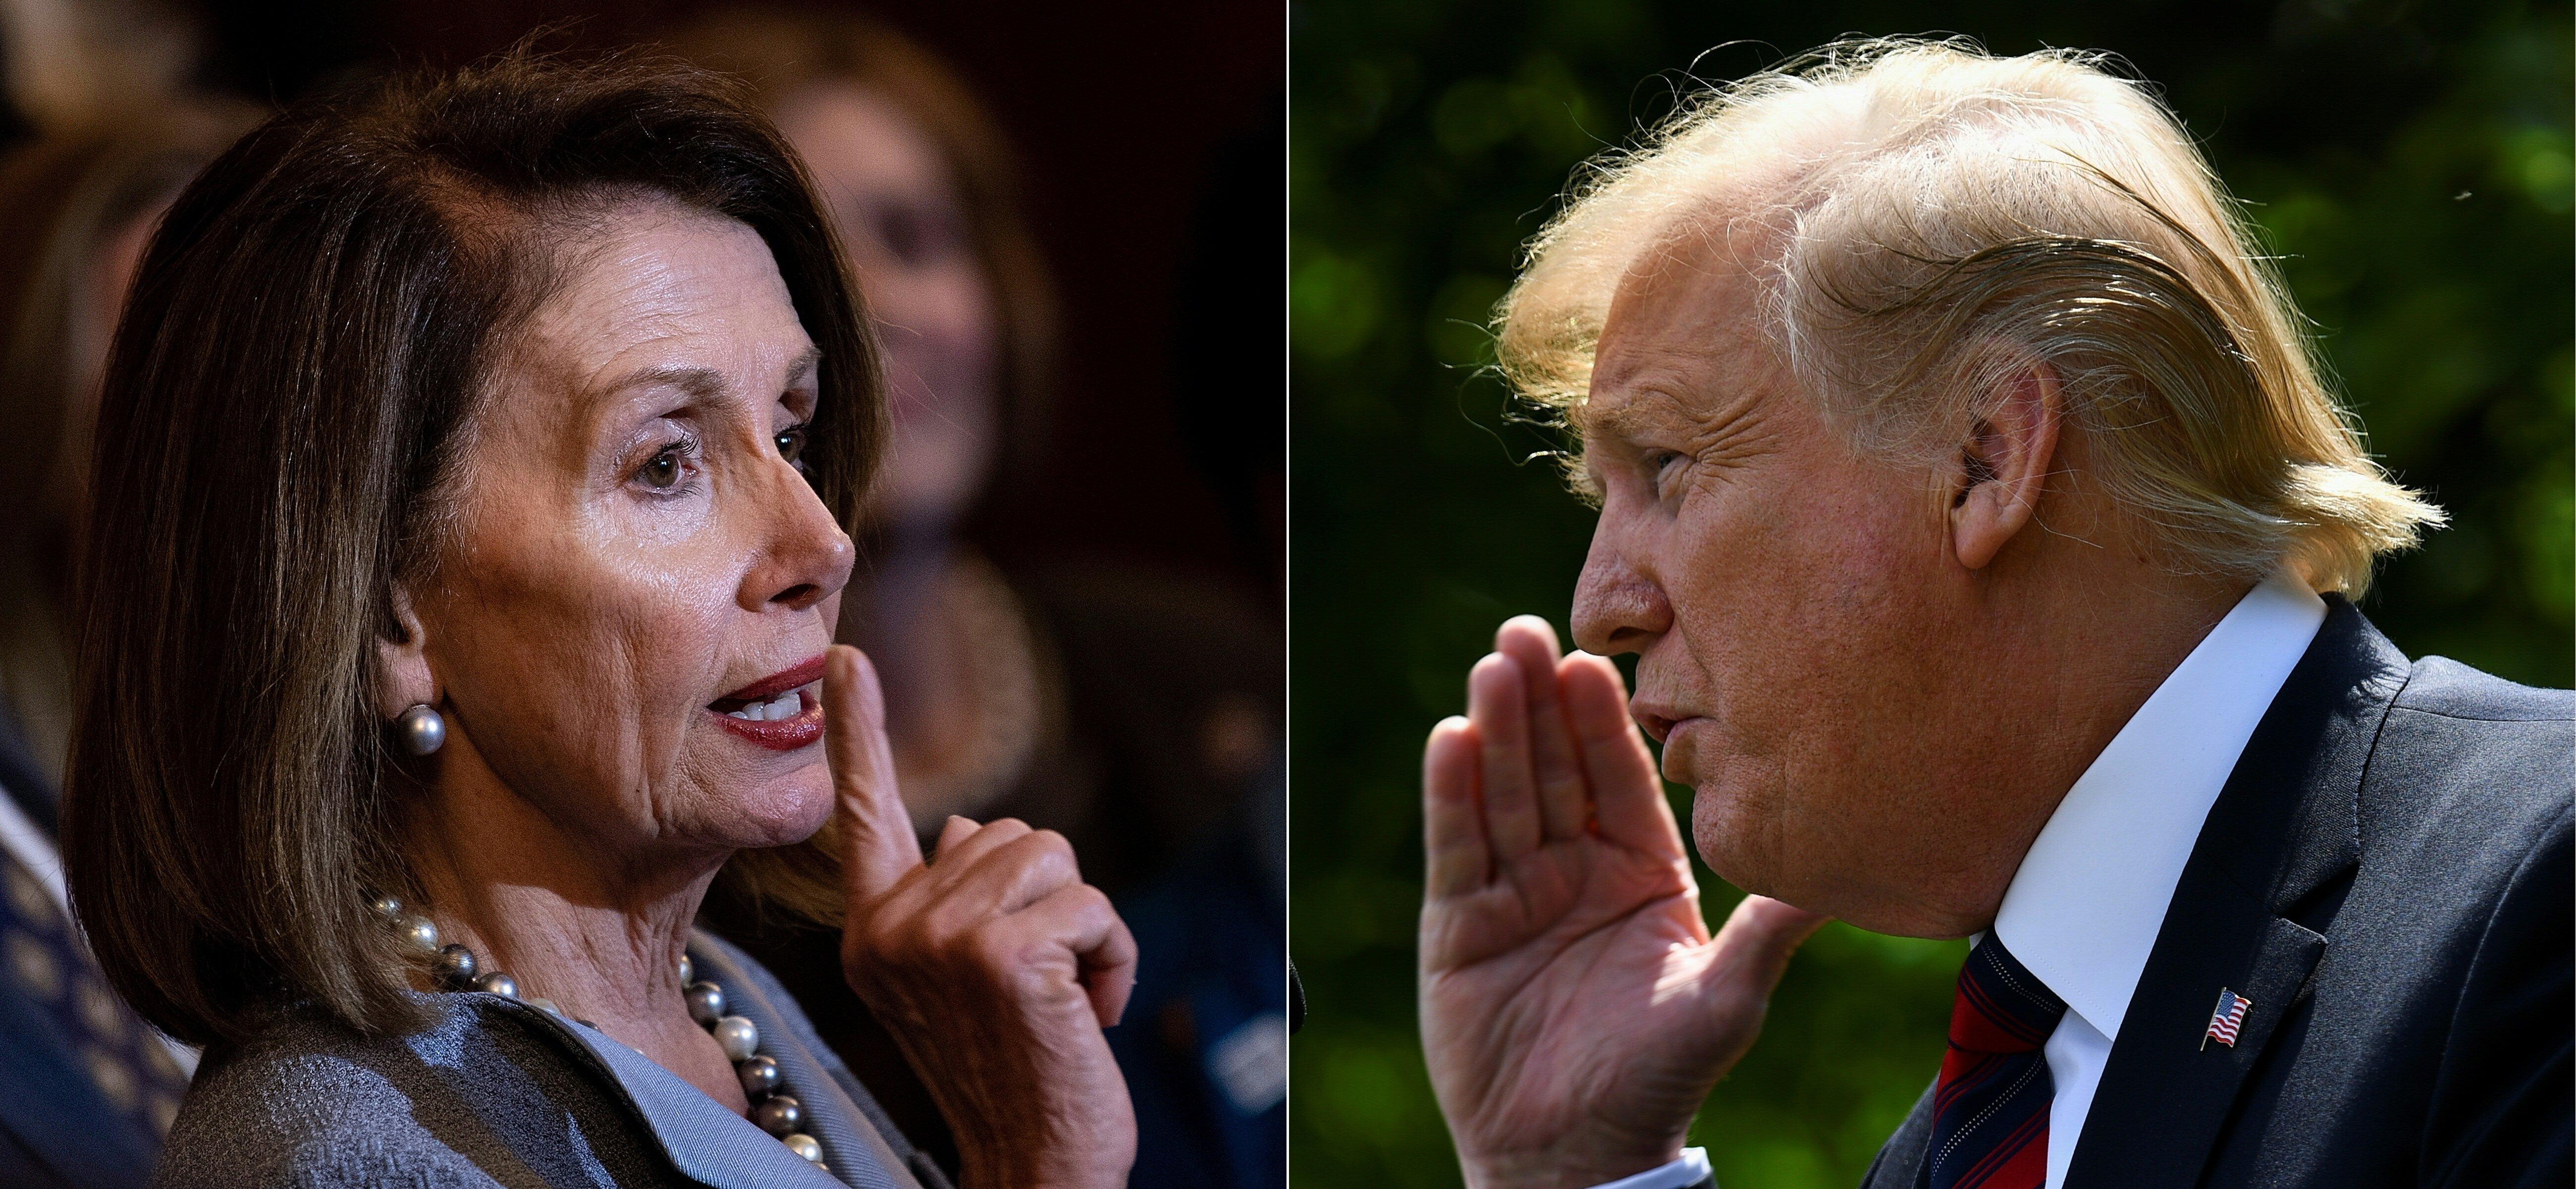 Le féroce duel entre Trump et la présidente de la